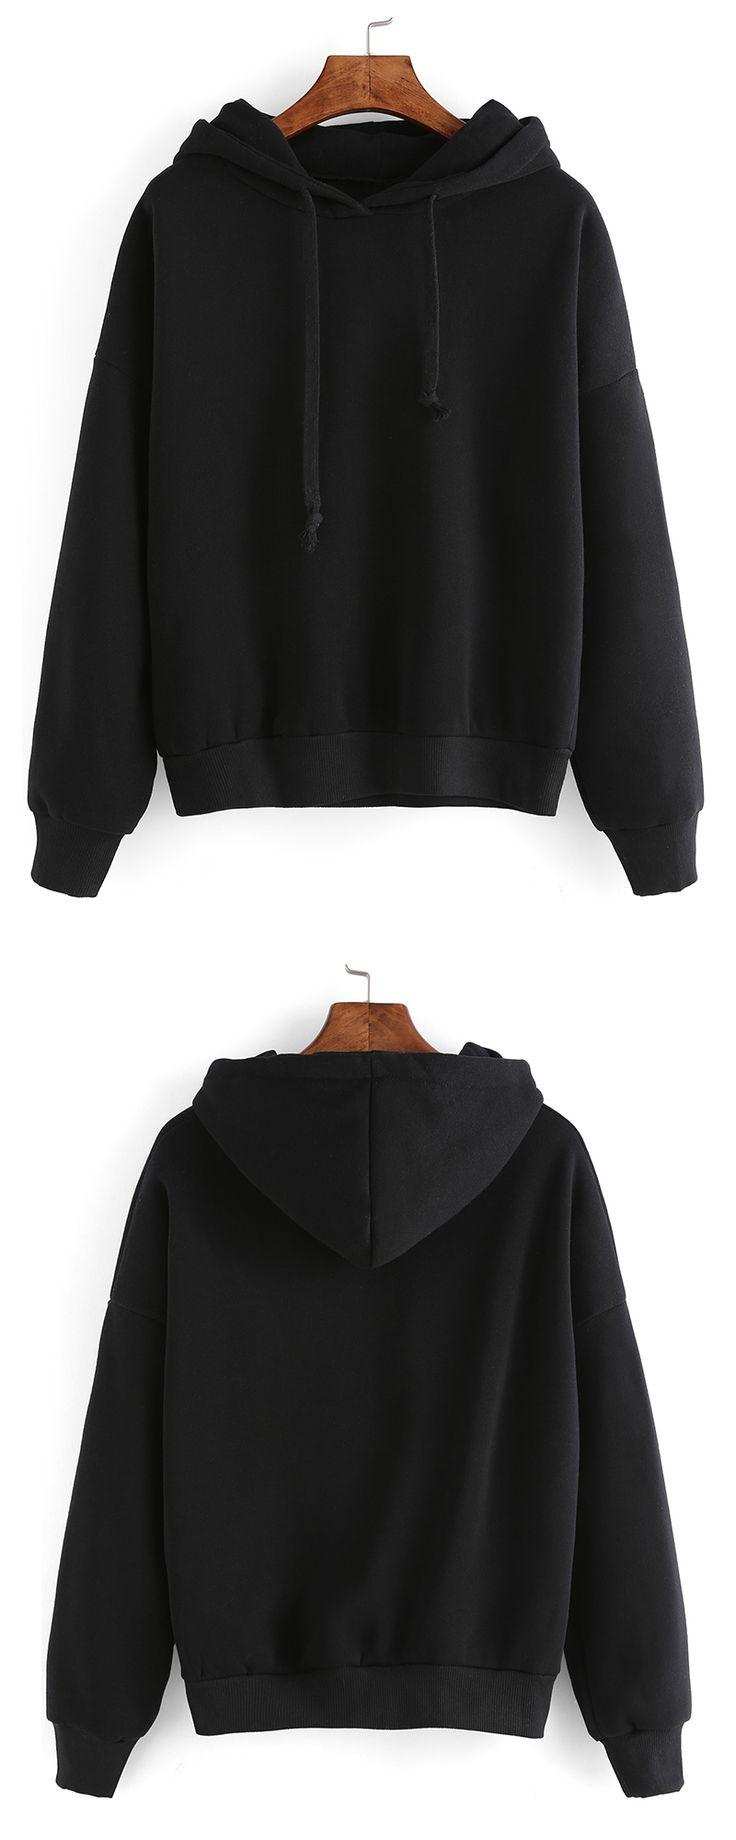 Top 25+ best Black hoodie ideas on Pinterest | Hooded jacket ...